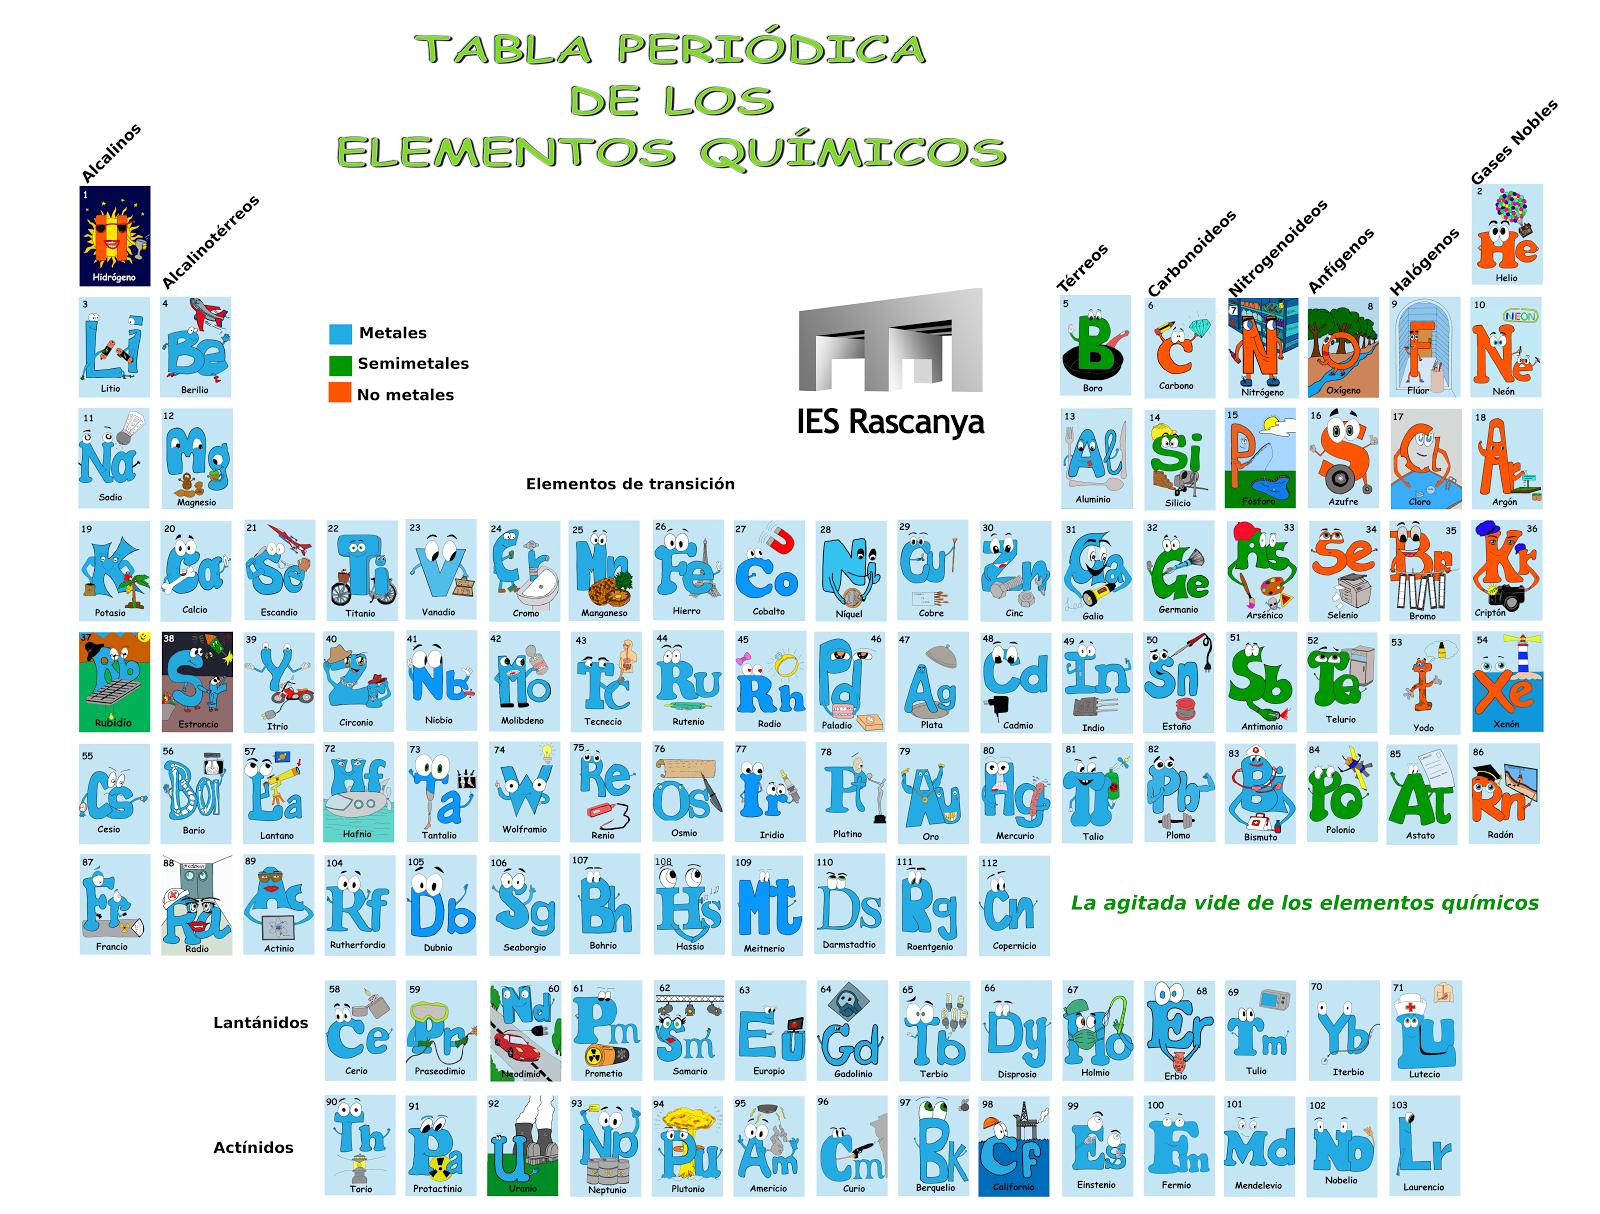 La agitada vida de los elementos tabla peridica rascanya tabla peridica con los dibujos alumnos pdc urtaz Image collections